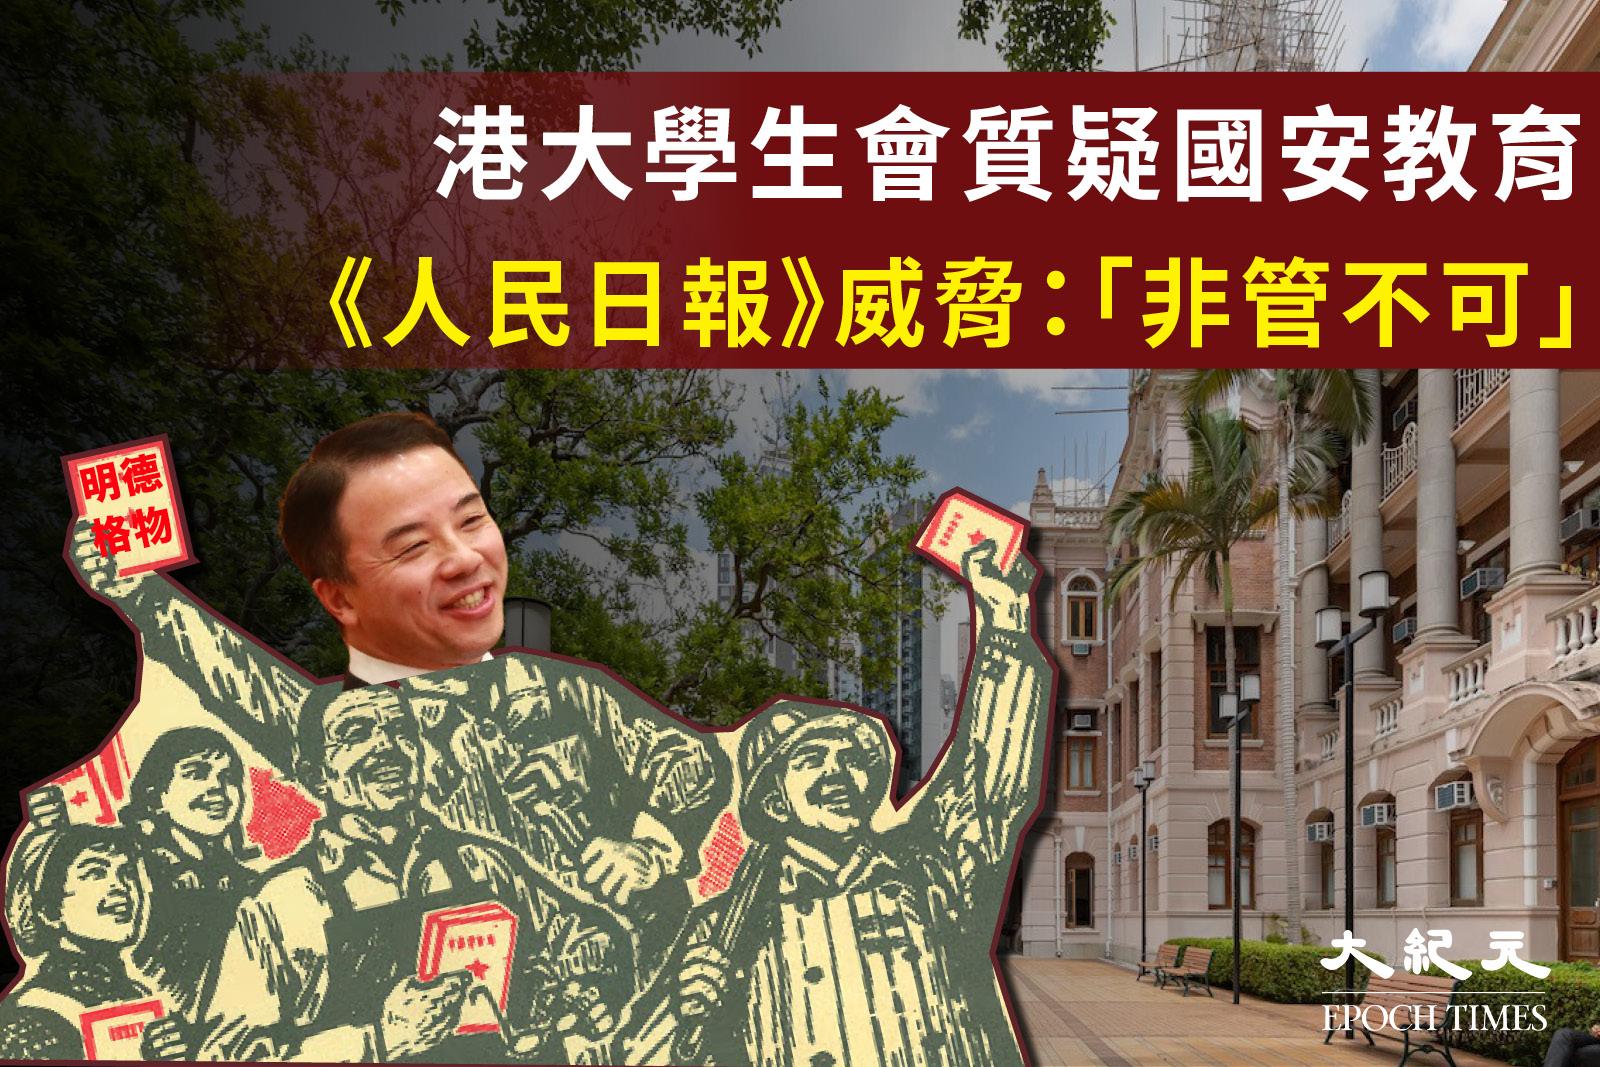 香港大學學生會日前就大學國安教育一事向校長張翔發公開信,引來《人民日報》恐嚇。(大紀元製圖)